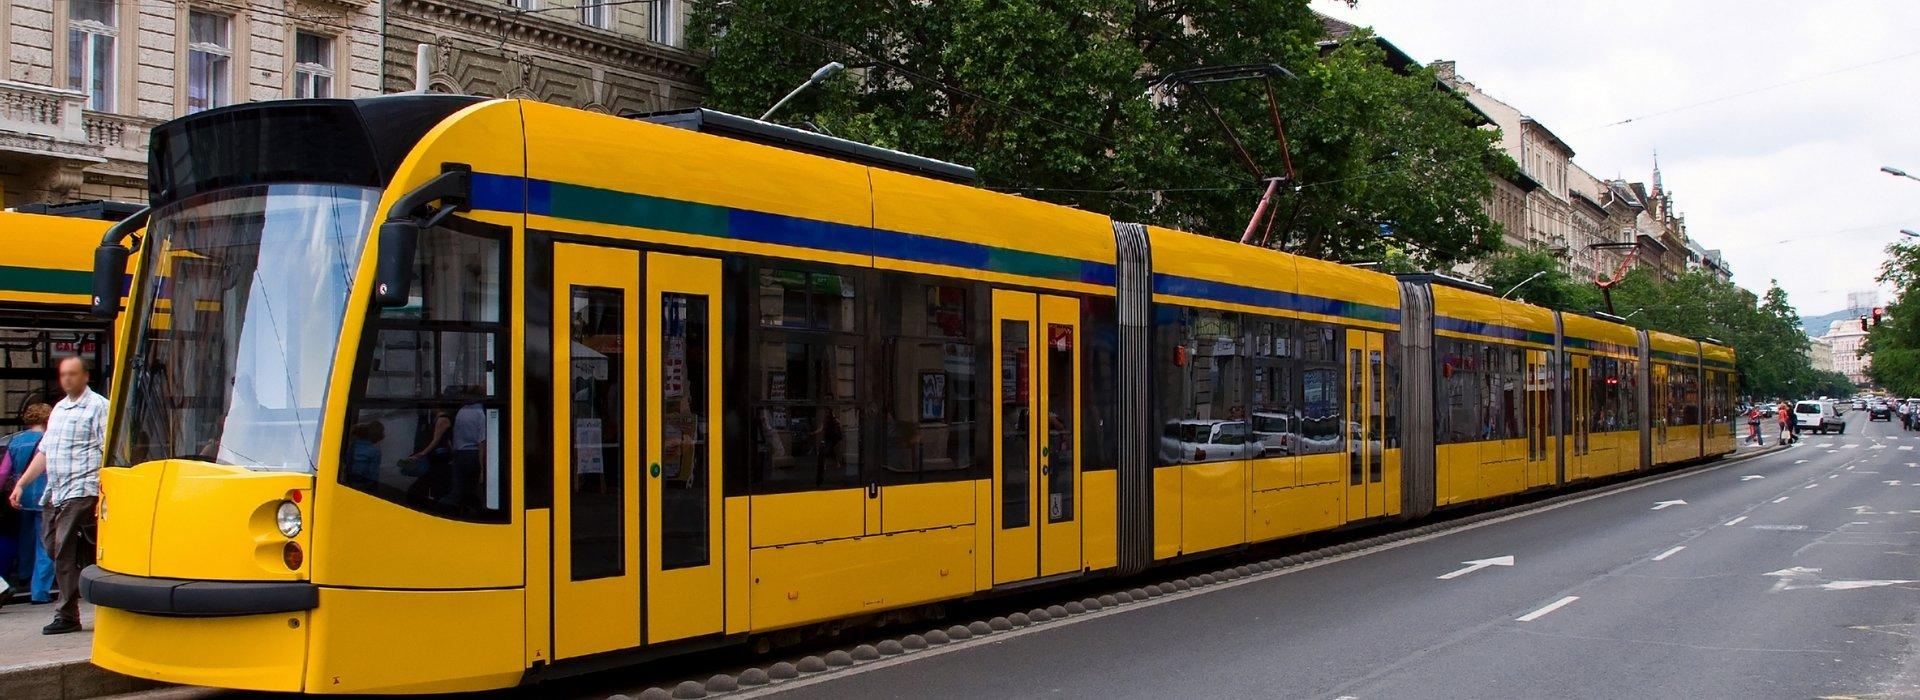 Budapest Tömegközlekedés – Közlekedés Budapesten